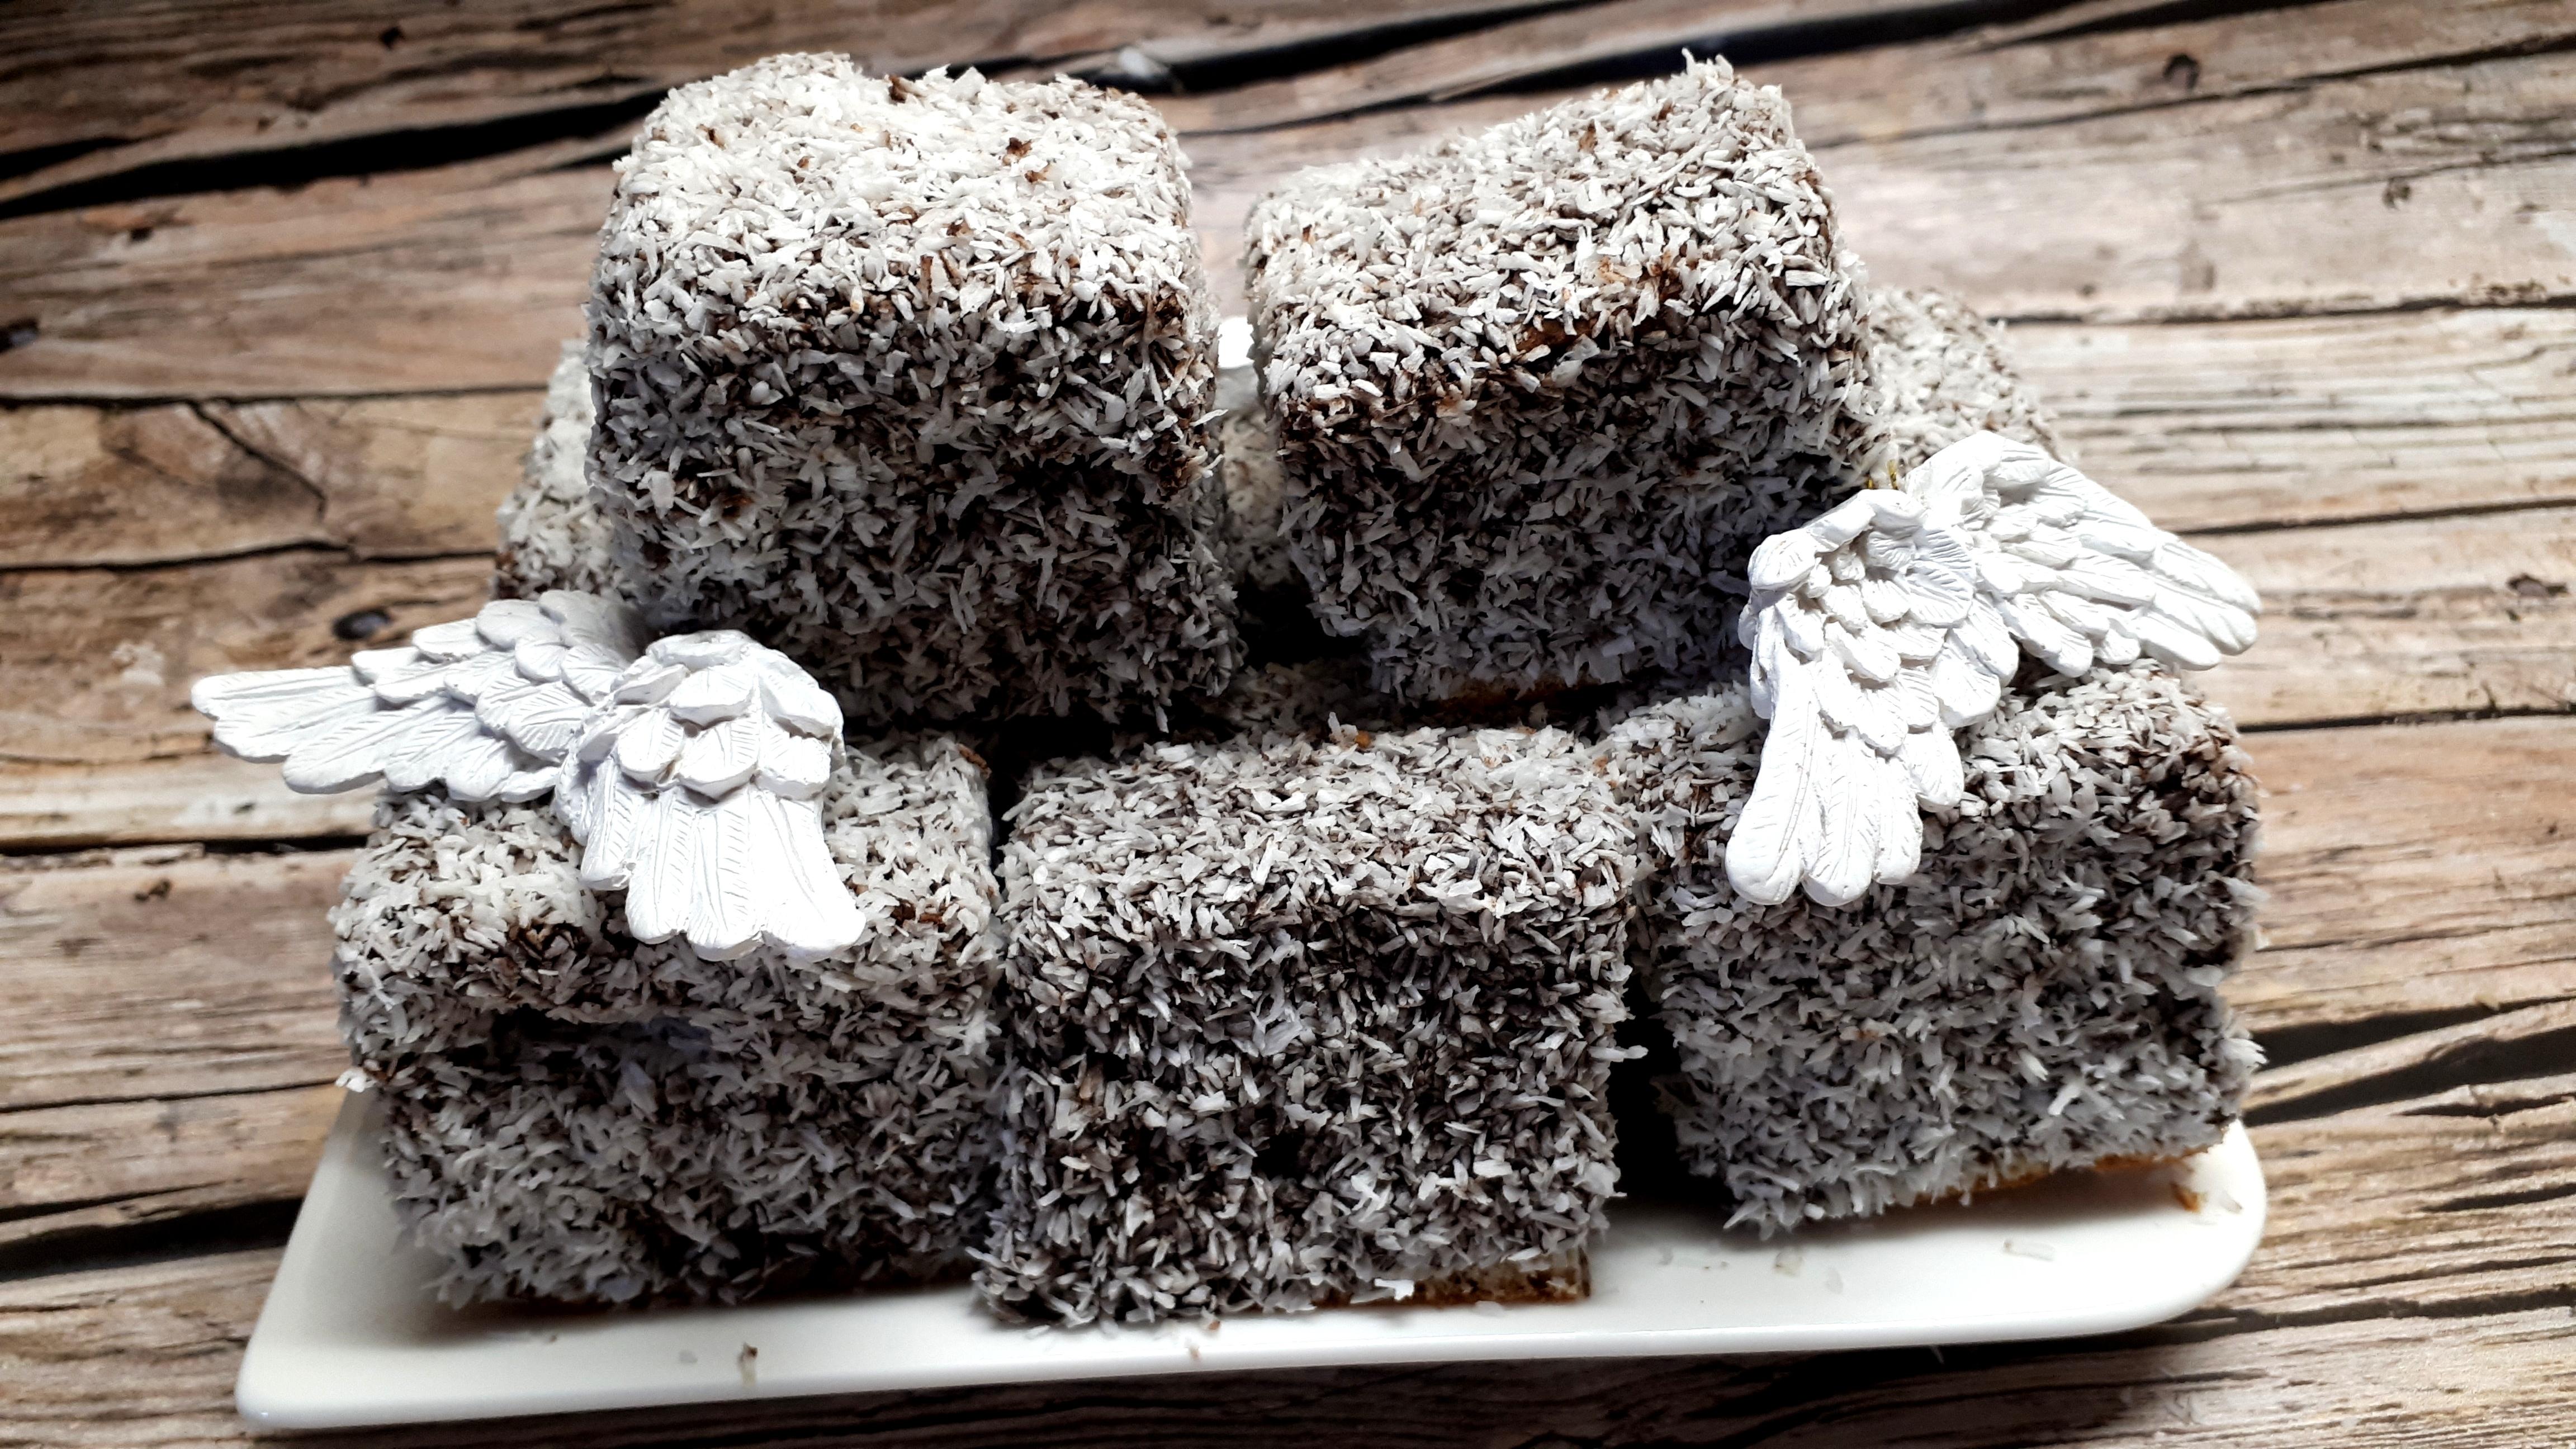 cukor nélküli diéta)